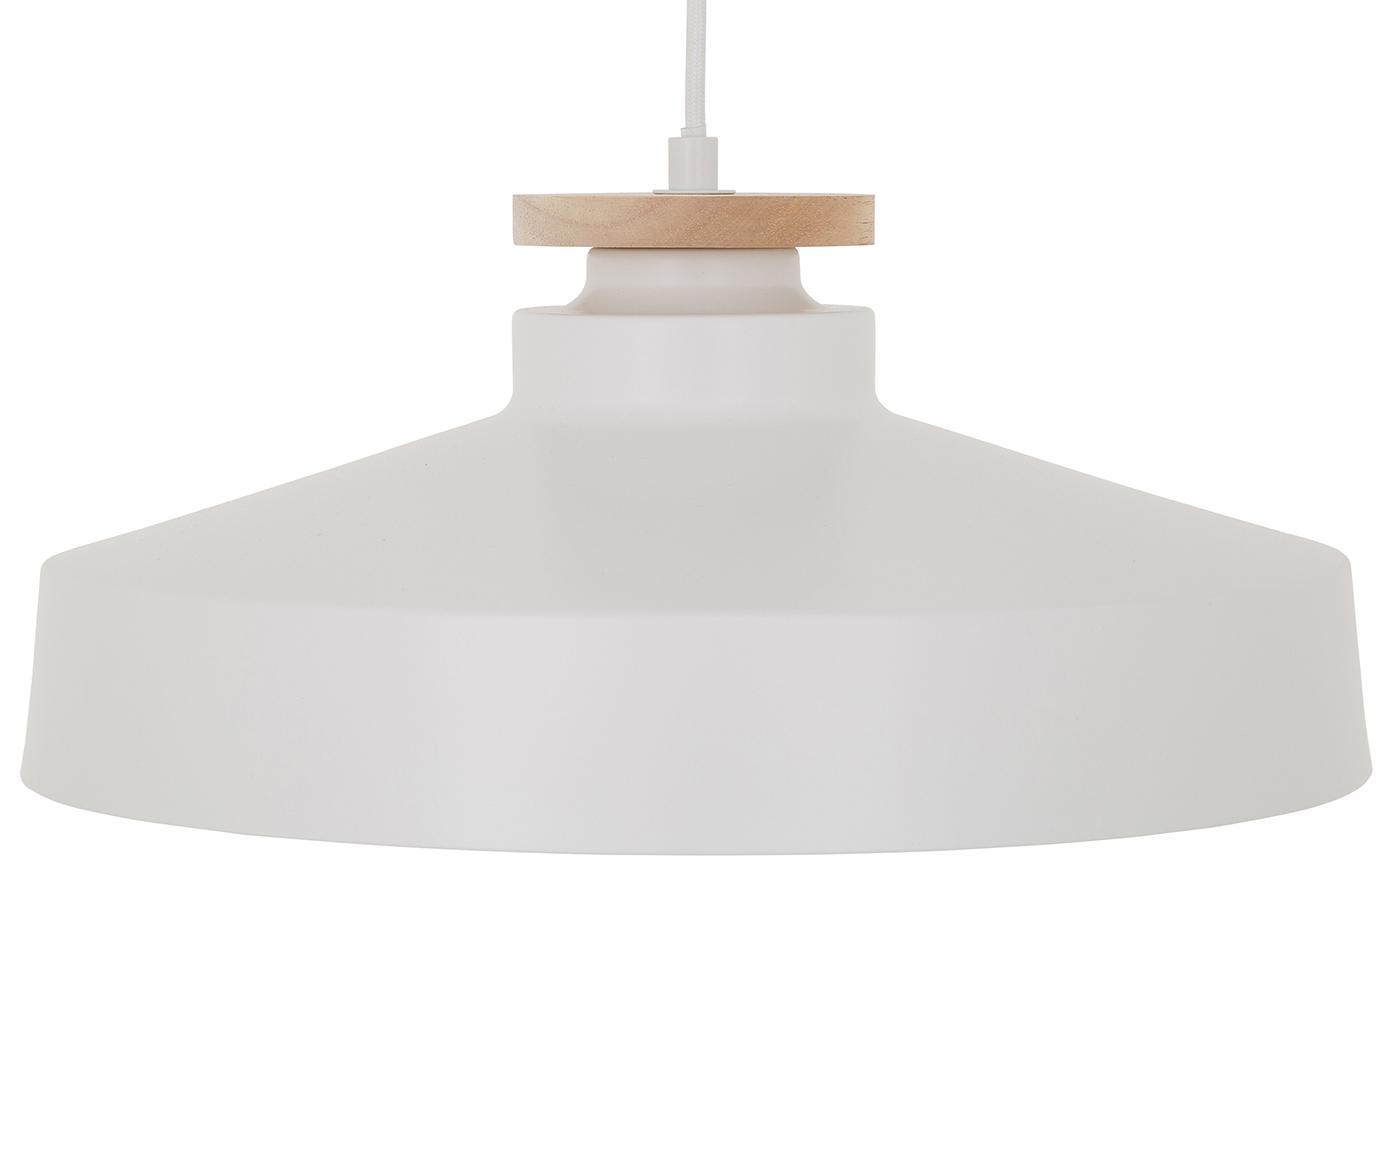 Skandi-Pendelleuchte Malm, Lampenschirm: Metall, Holz, Baldachin: Metall, Weiß, Ø 40 x H 20 cm